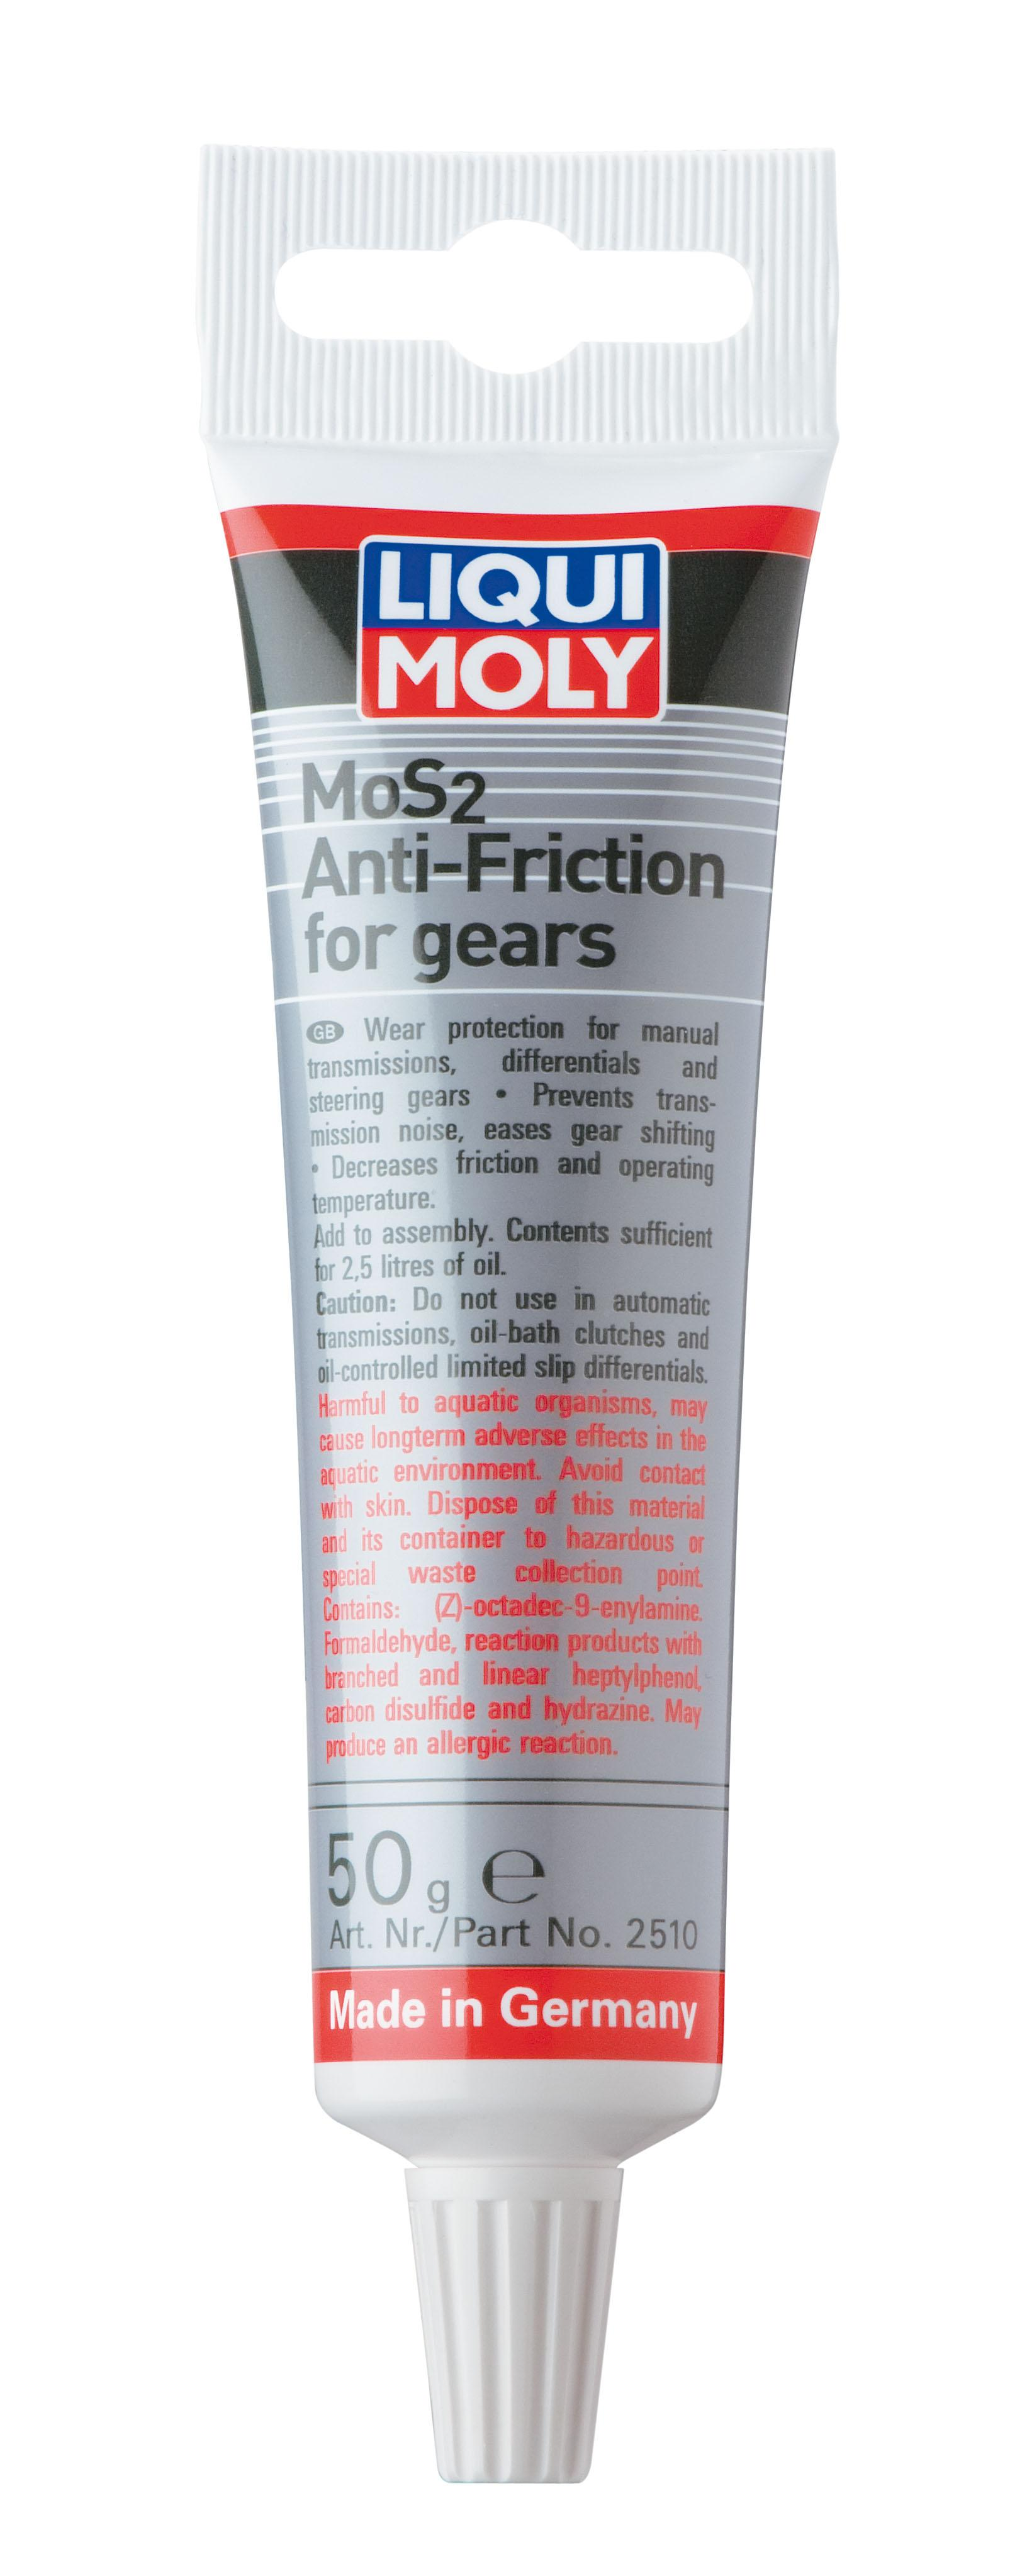 Liqui Moly Antifriction gear oil additivo antiusura per trasmissioni e cambio